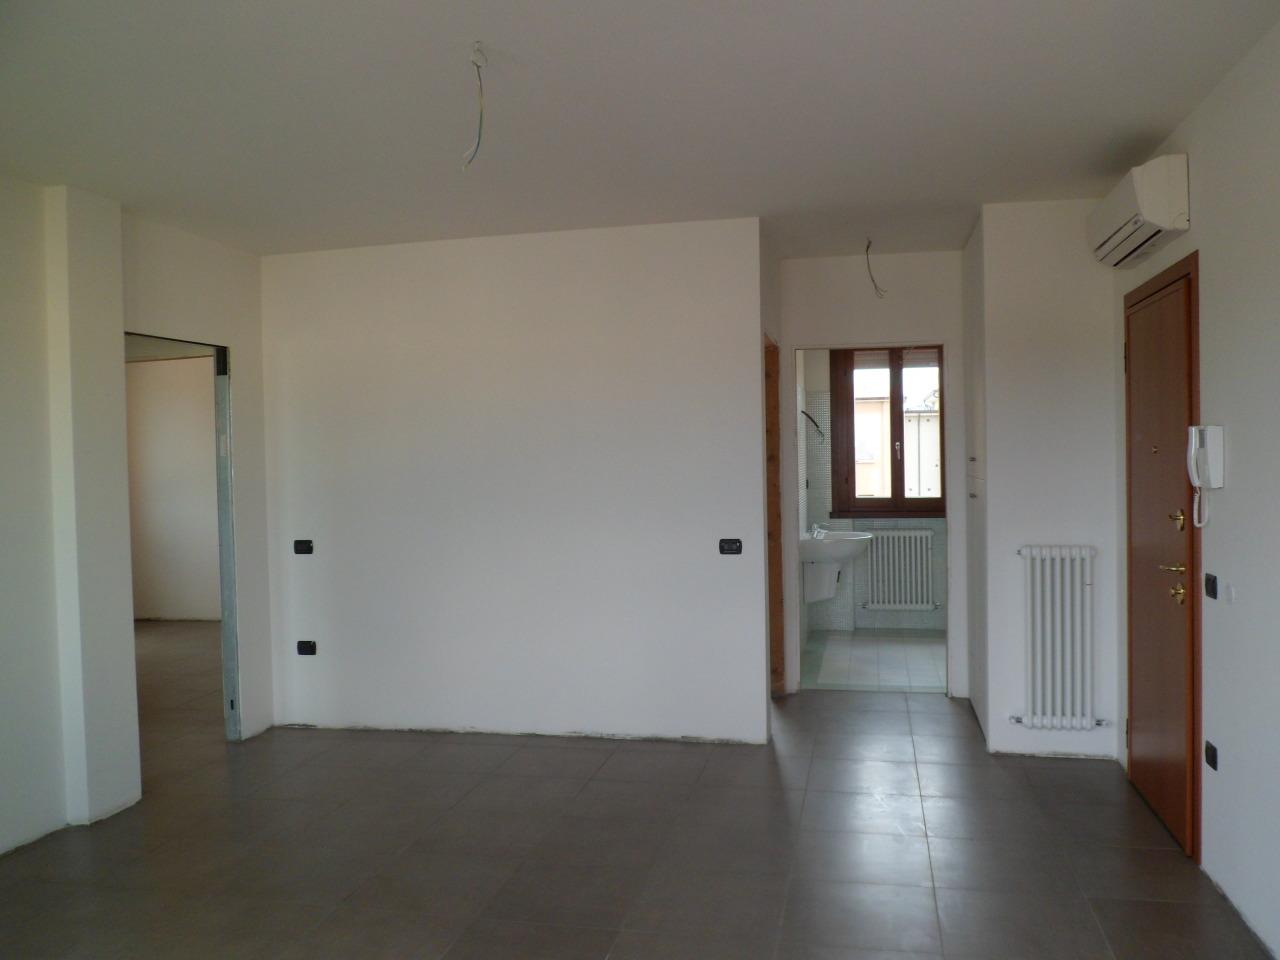 Appartamento in vendita a Brescello, 4 locali, prezzo € 155.000 | Cambio Casa.it